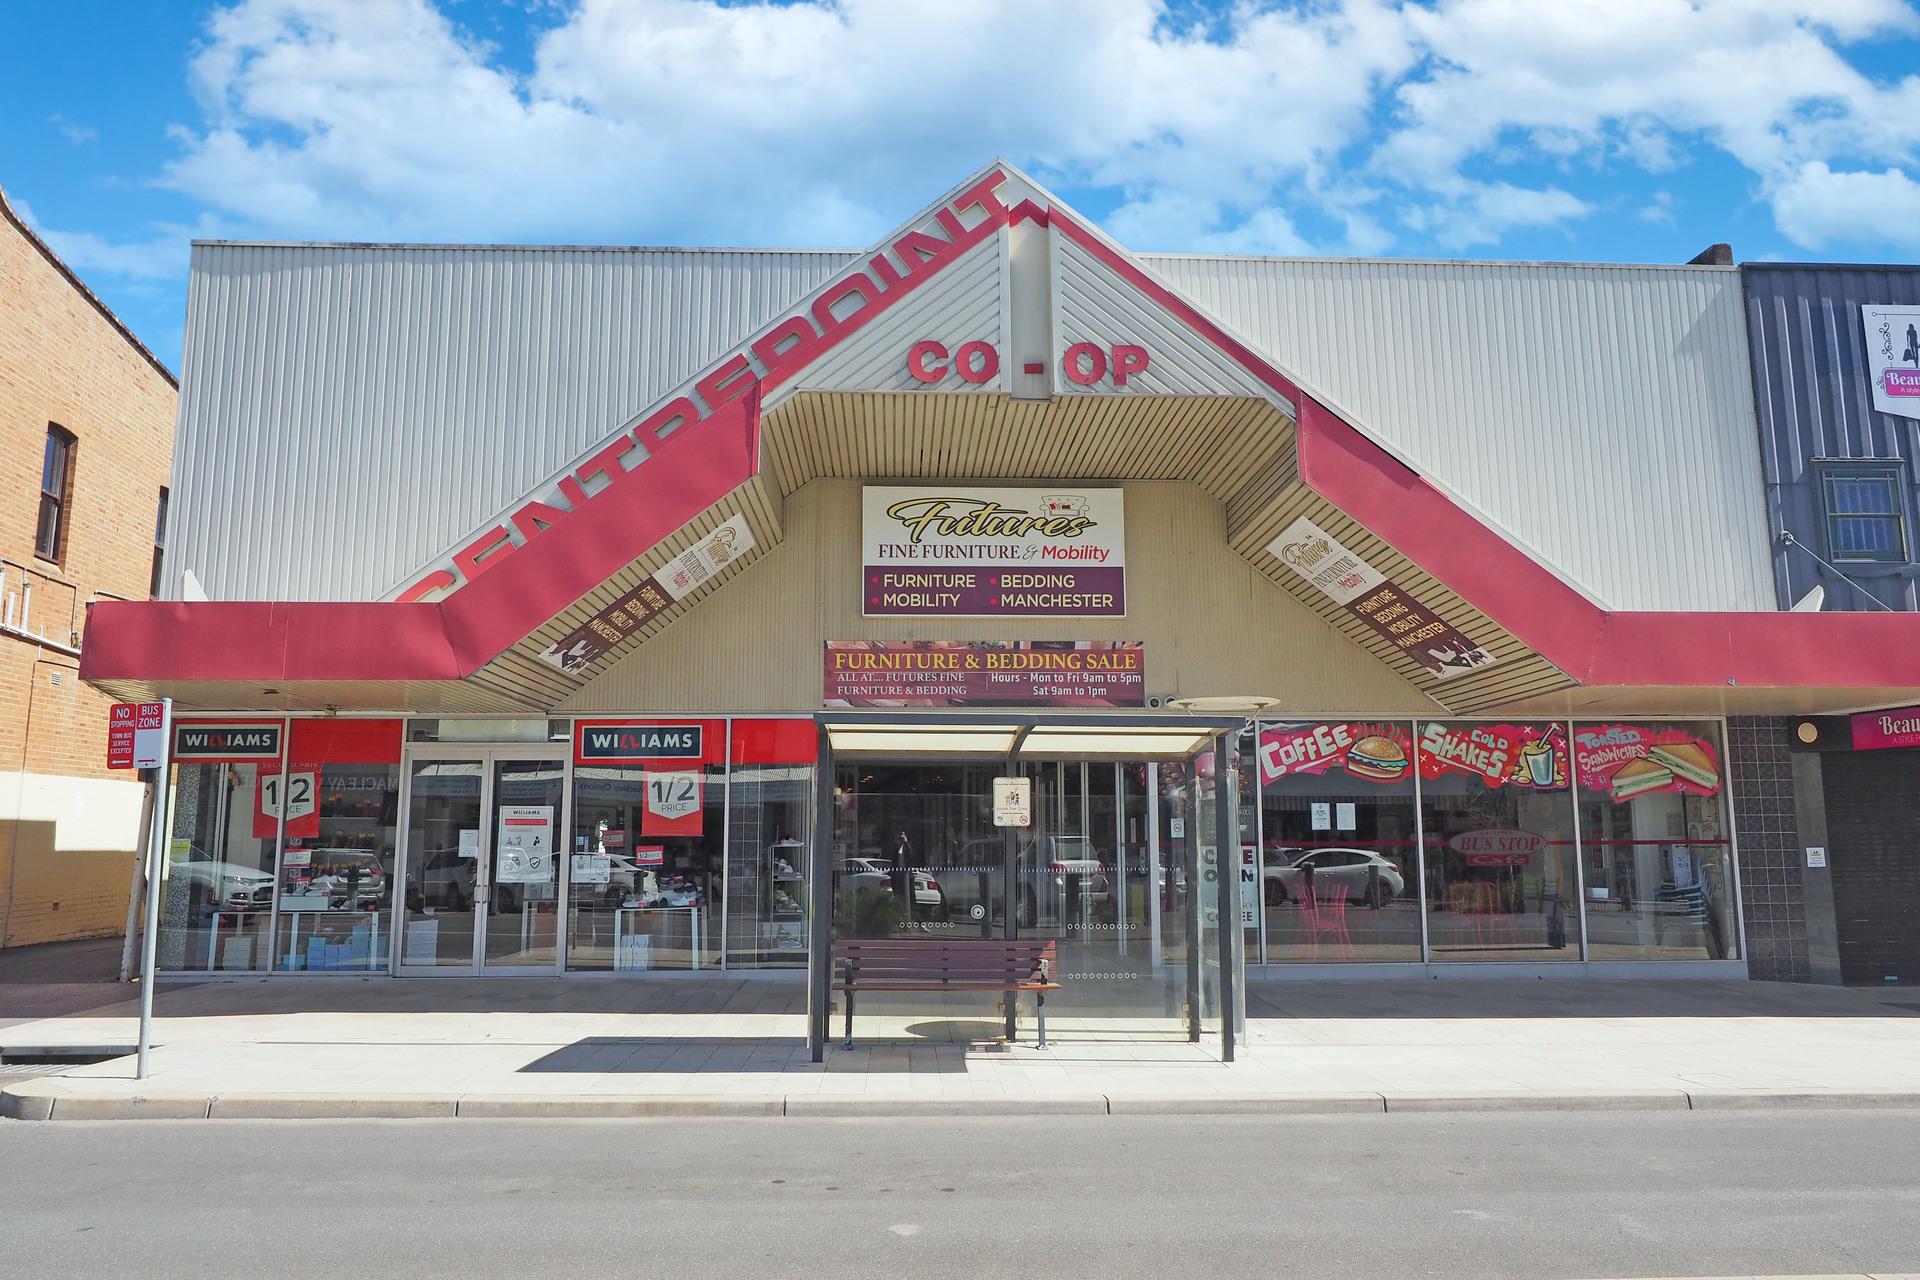 Shop 6/14 Smith Street Street, Kempsey, NSW, 2440